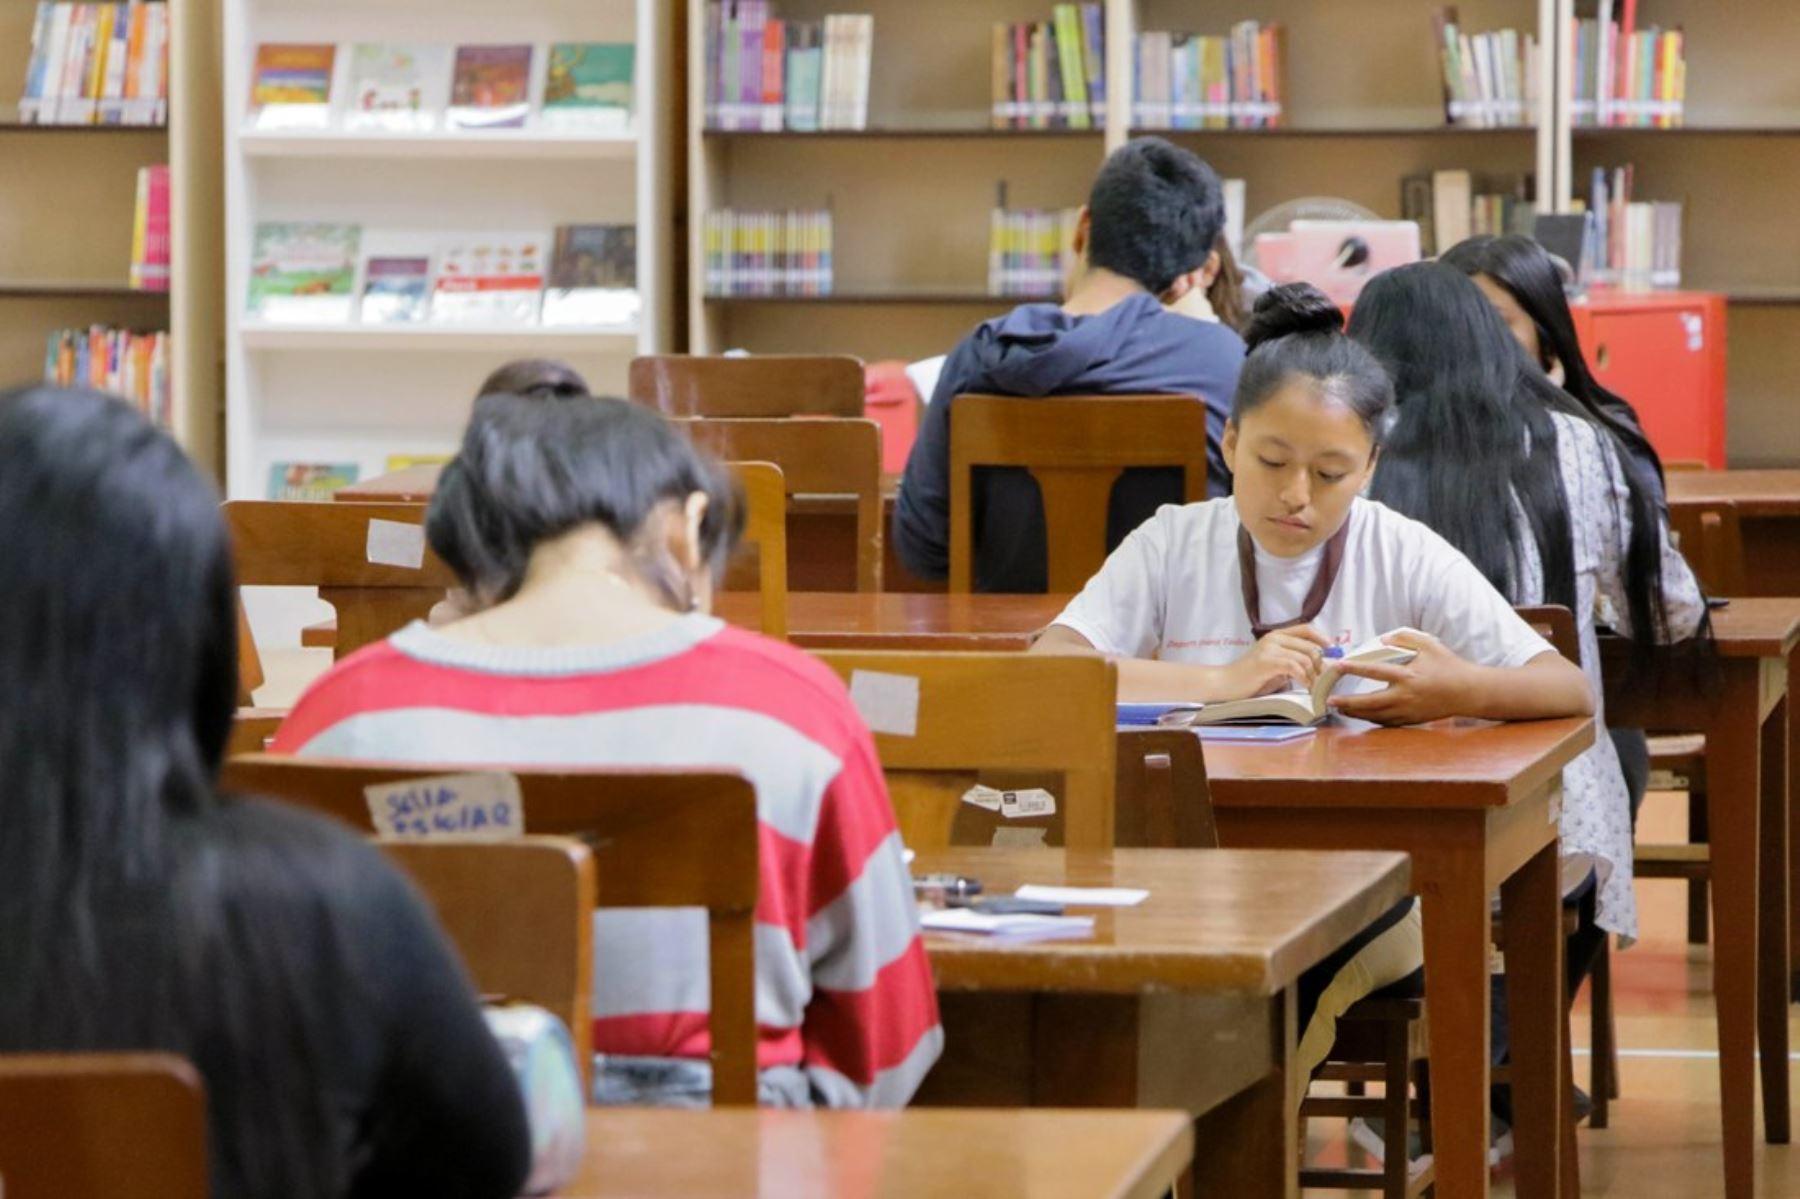 Gran Biblioteca Pública de Lima ofrecerá tutorías a estudiantes preuniversitarios. Foto: ANDINA/Difusión.